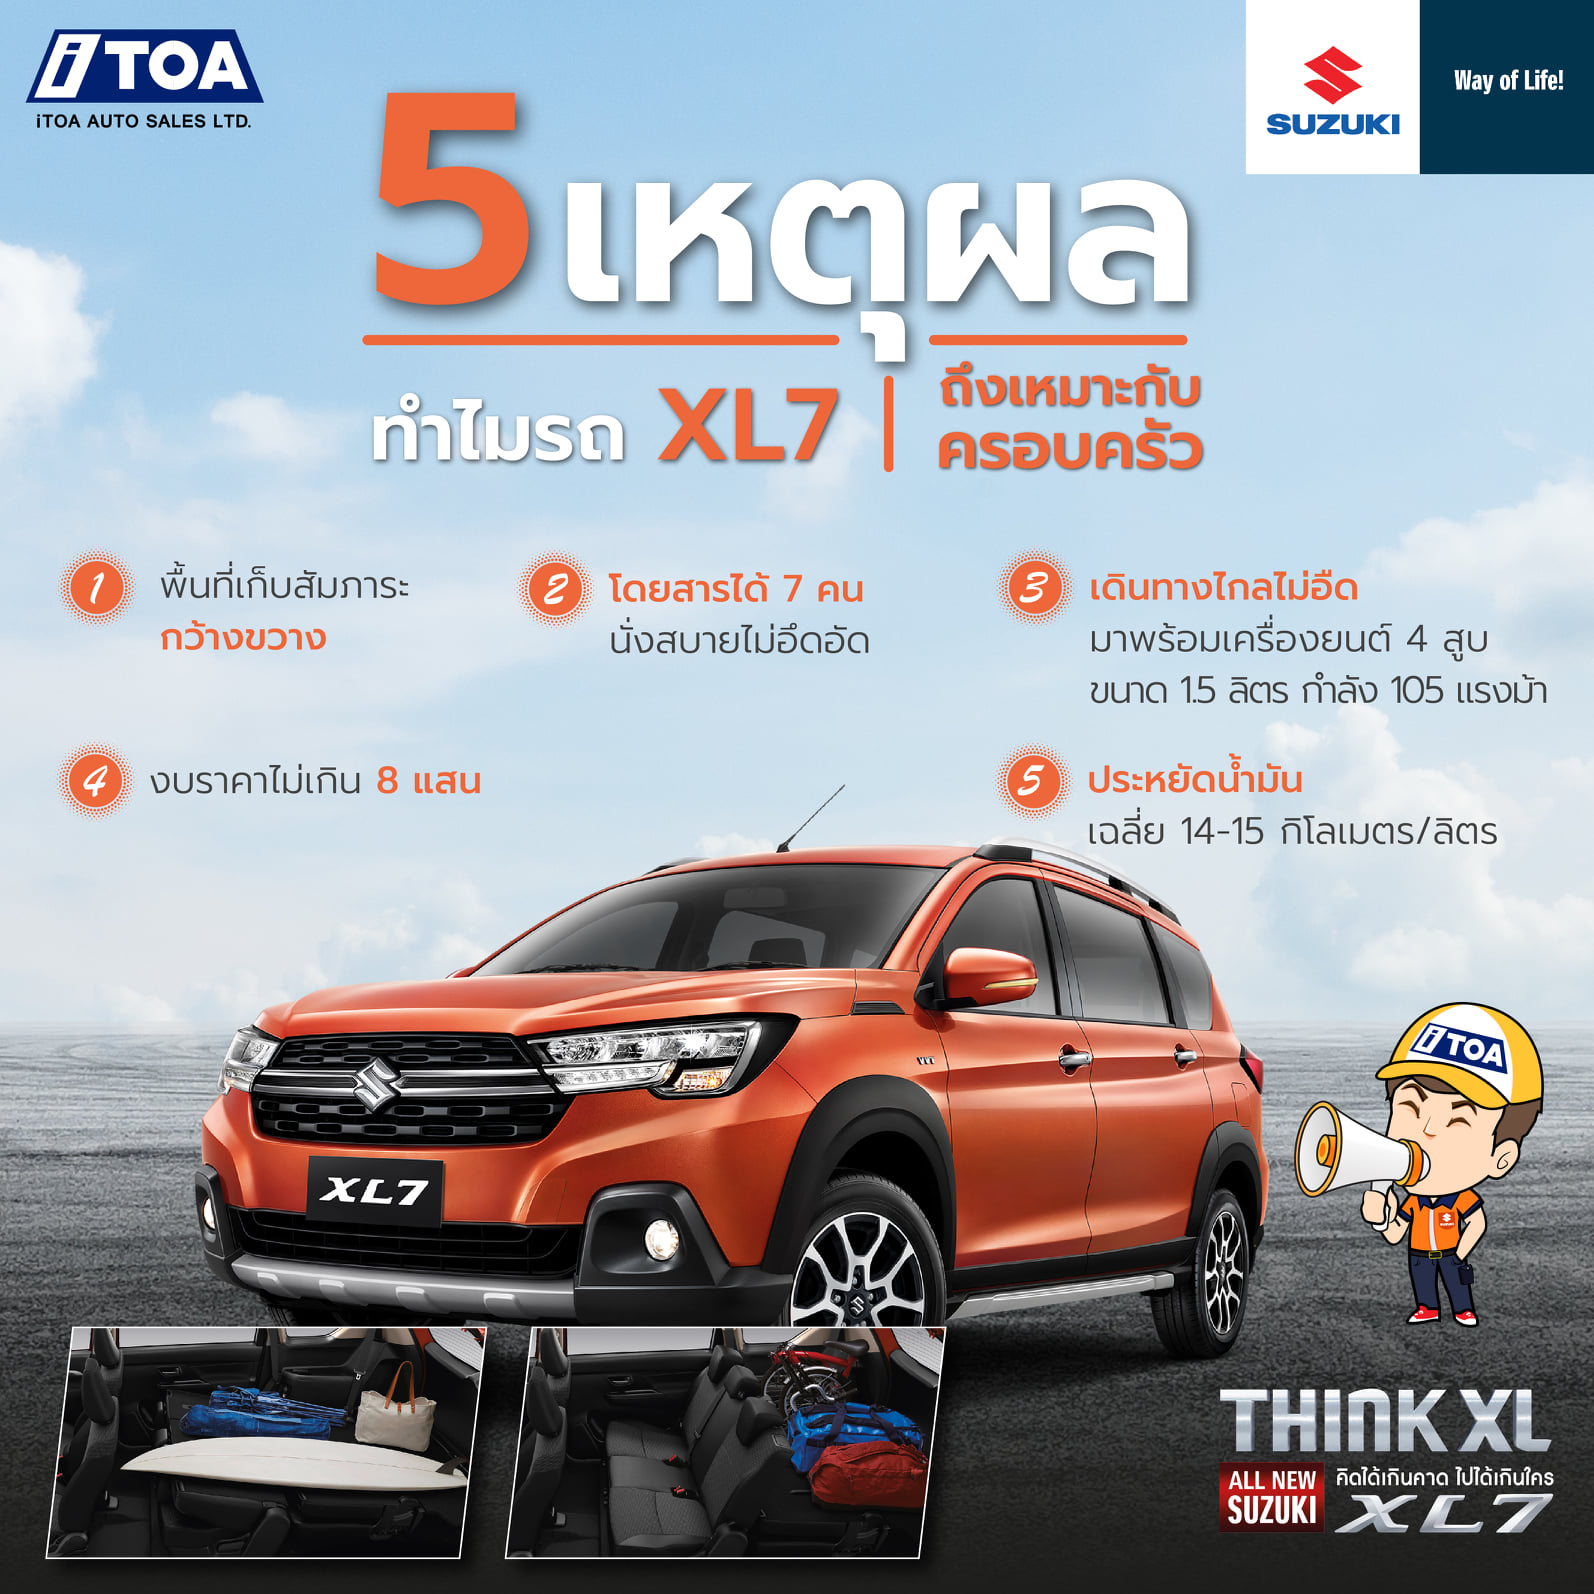 5 เหตุผล ทำไมรถ Suzuki XL7 ถึงเหมาะกับครอบครัว